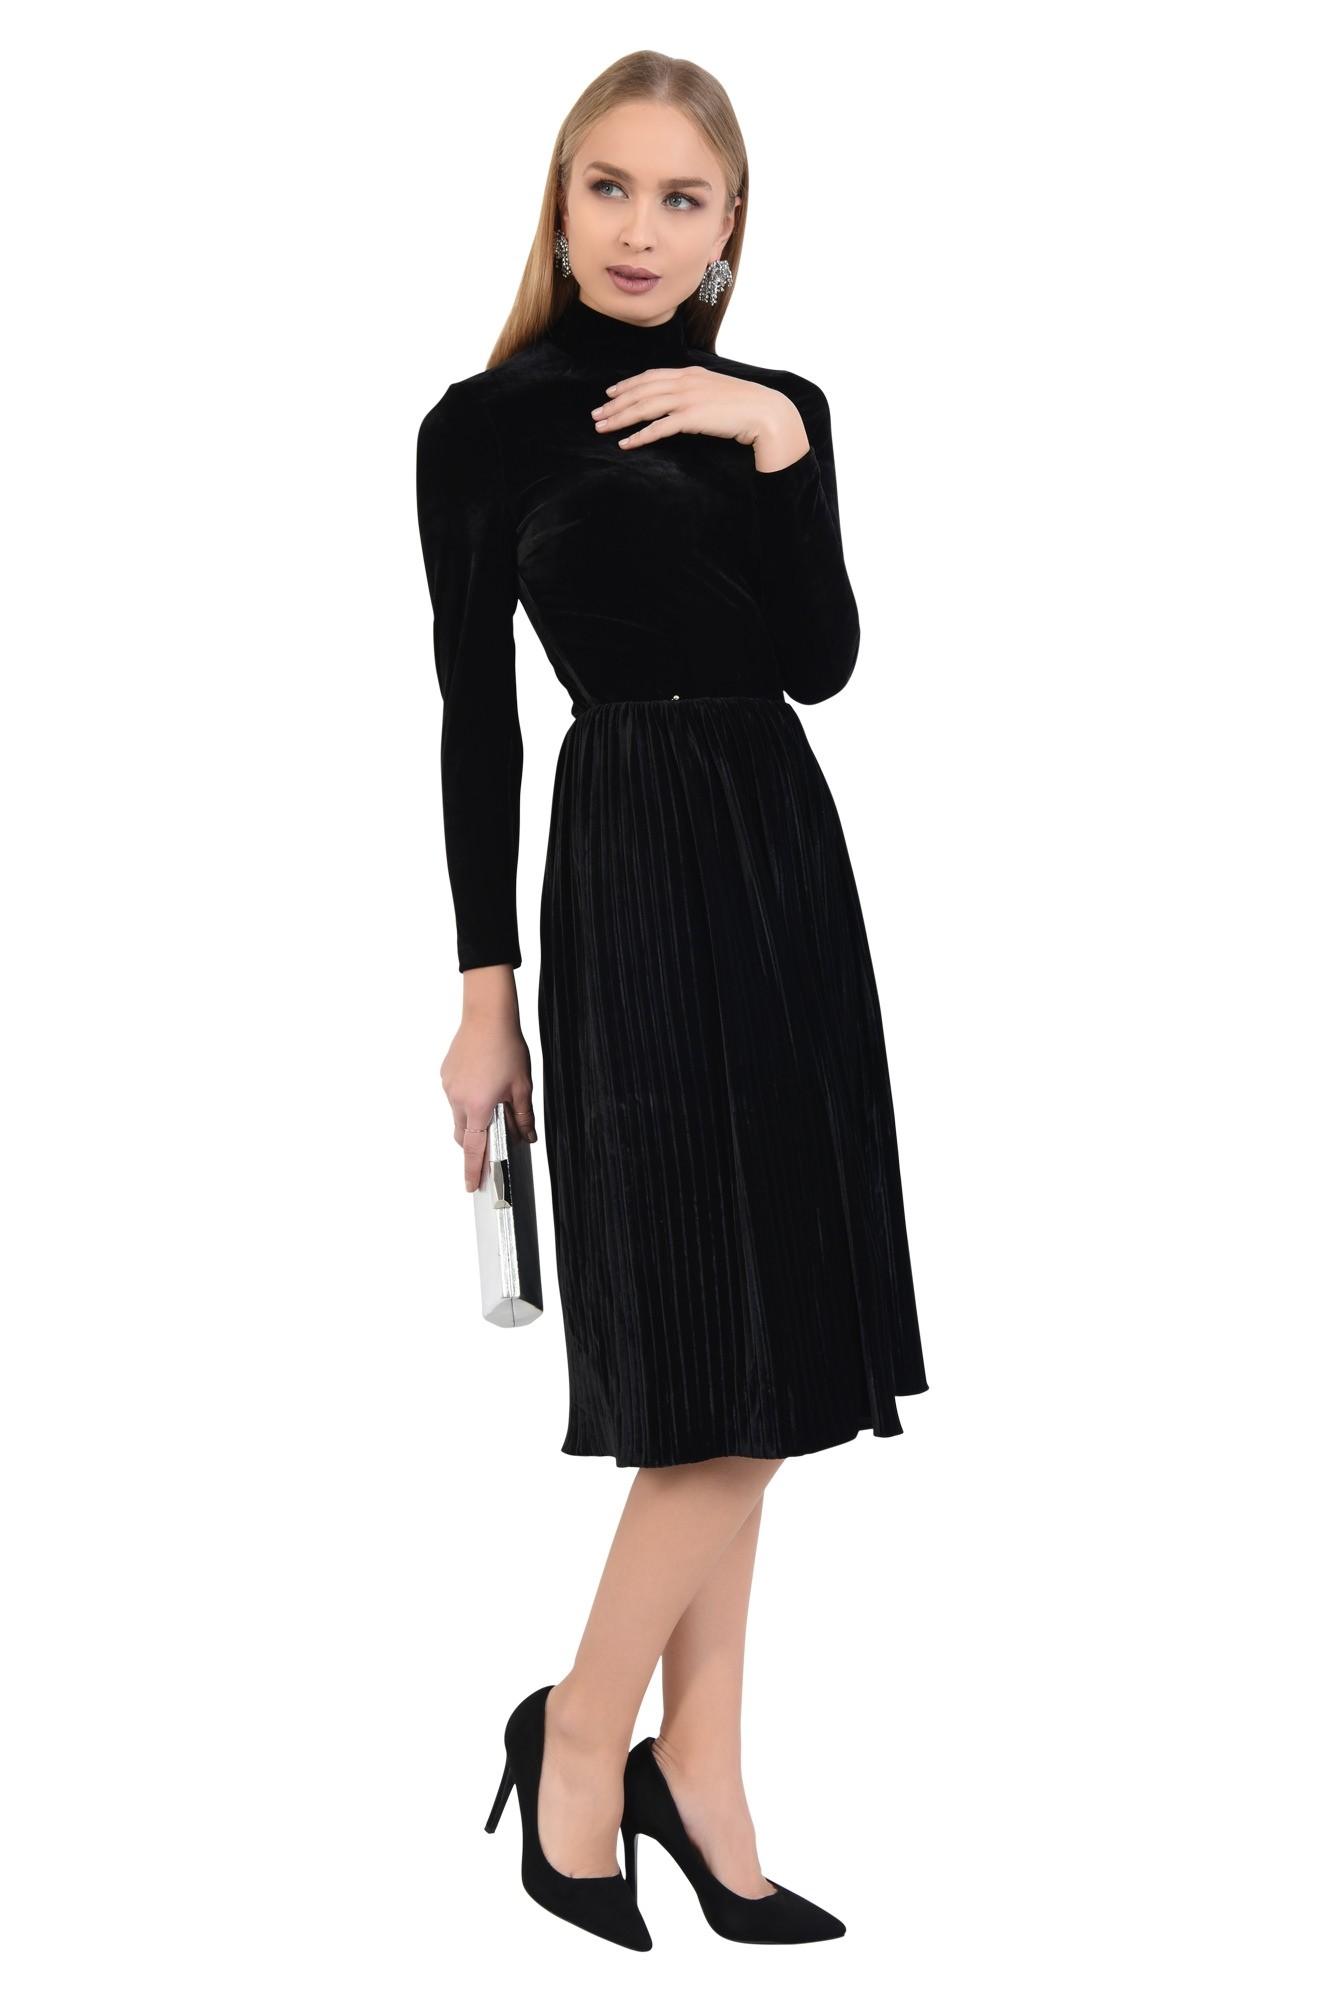 rochie eleganta, din catifea, cu pliseuri, cu guler, rochii online